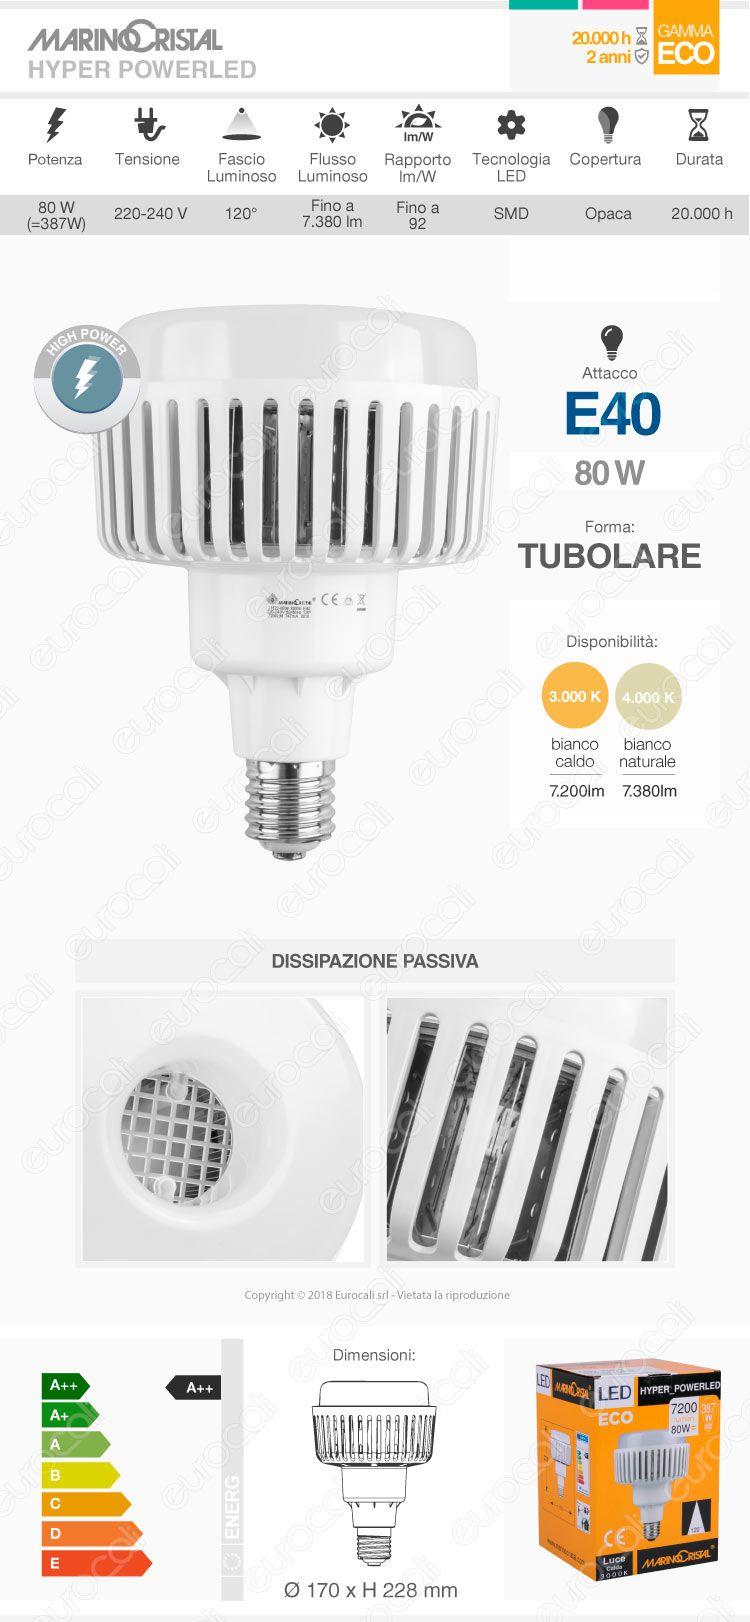 Marino Cristal Serie ECO Lampadina LED High Power Bulb E40 80W mod. 21522 / 21523